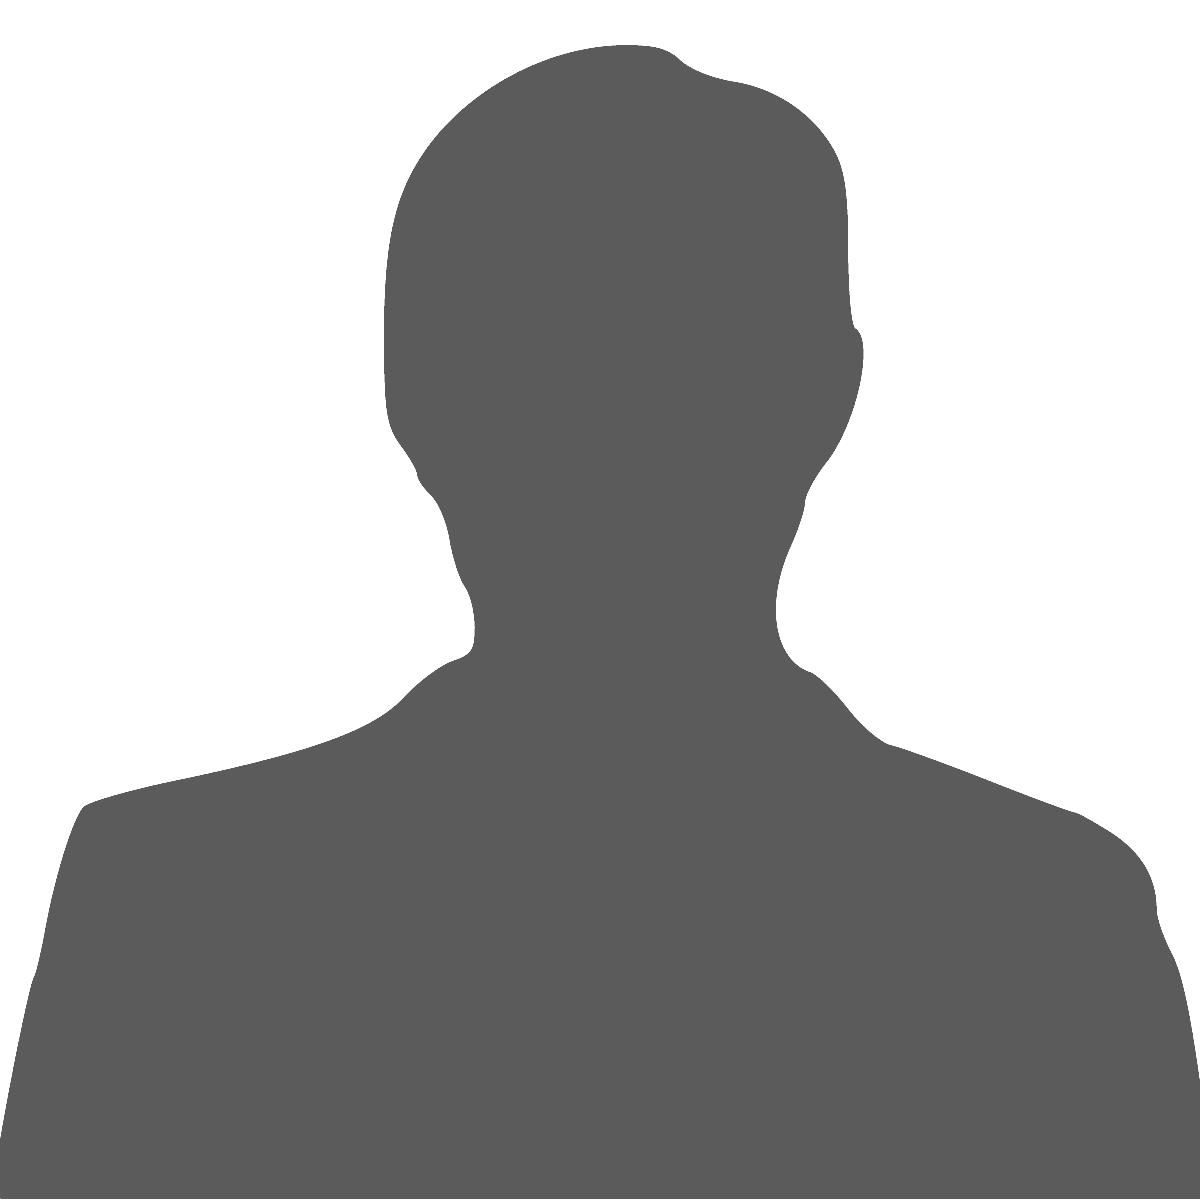 person-icon-1